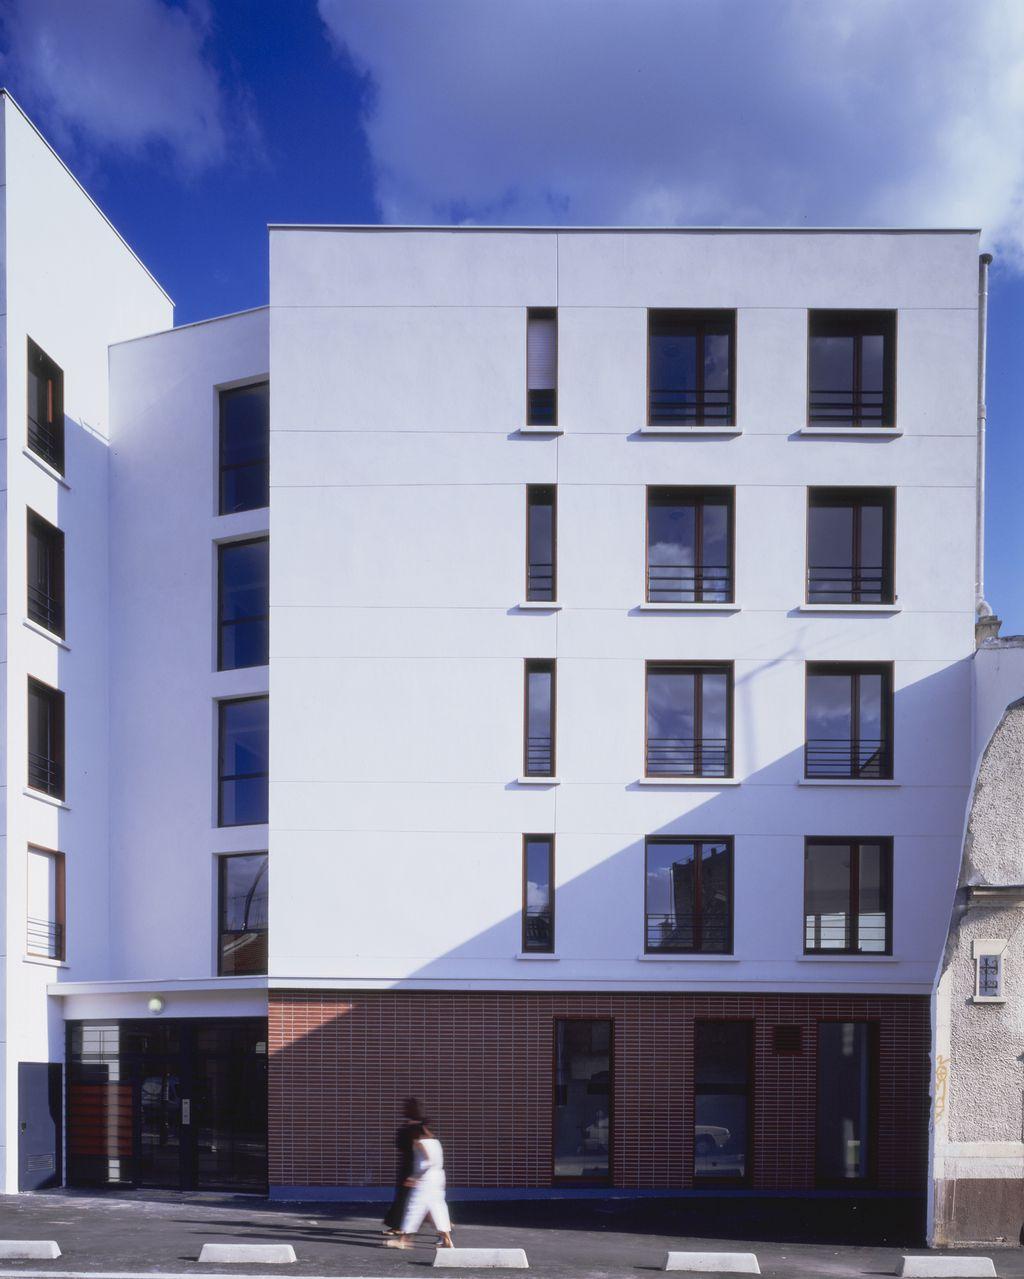 Vente Appartements Maisons Et Villas à Montreuil Paris: Etienne Marcel Montreuil (93